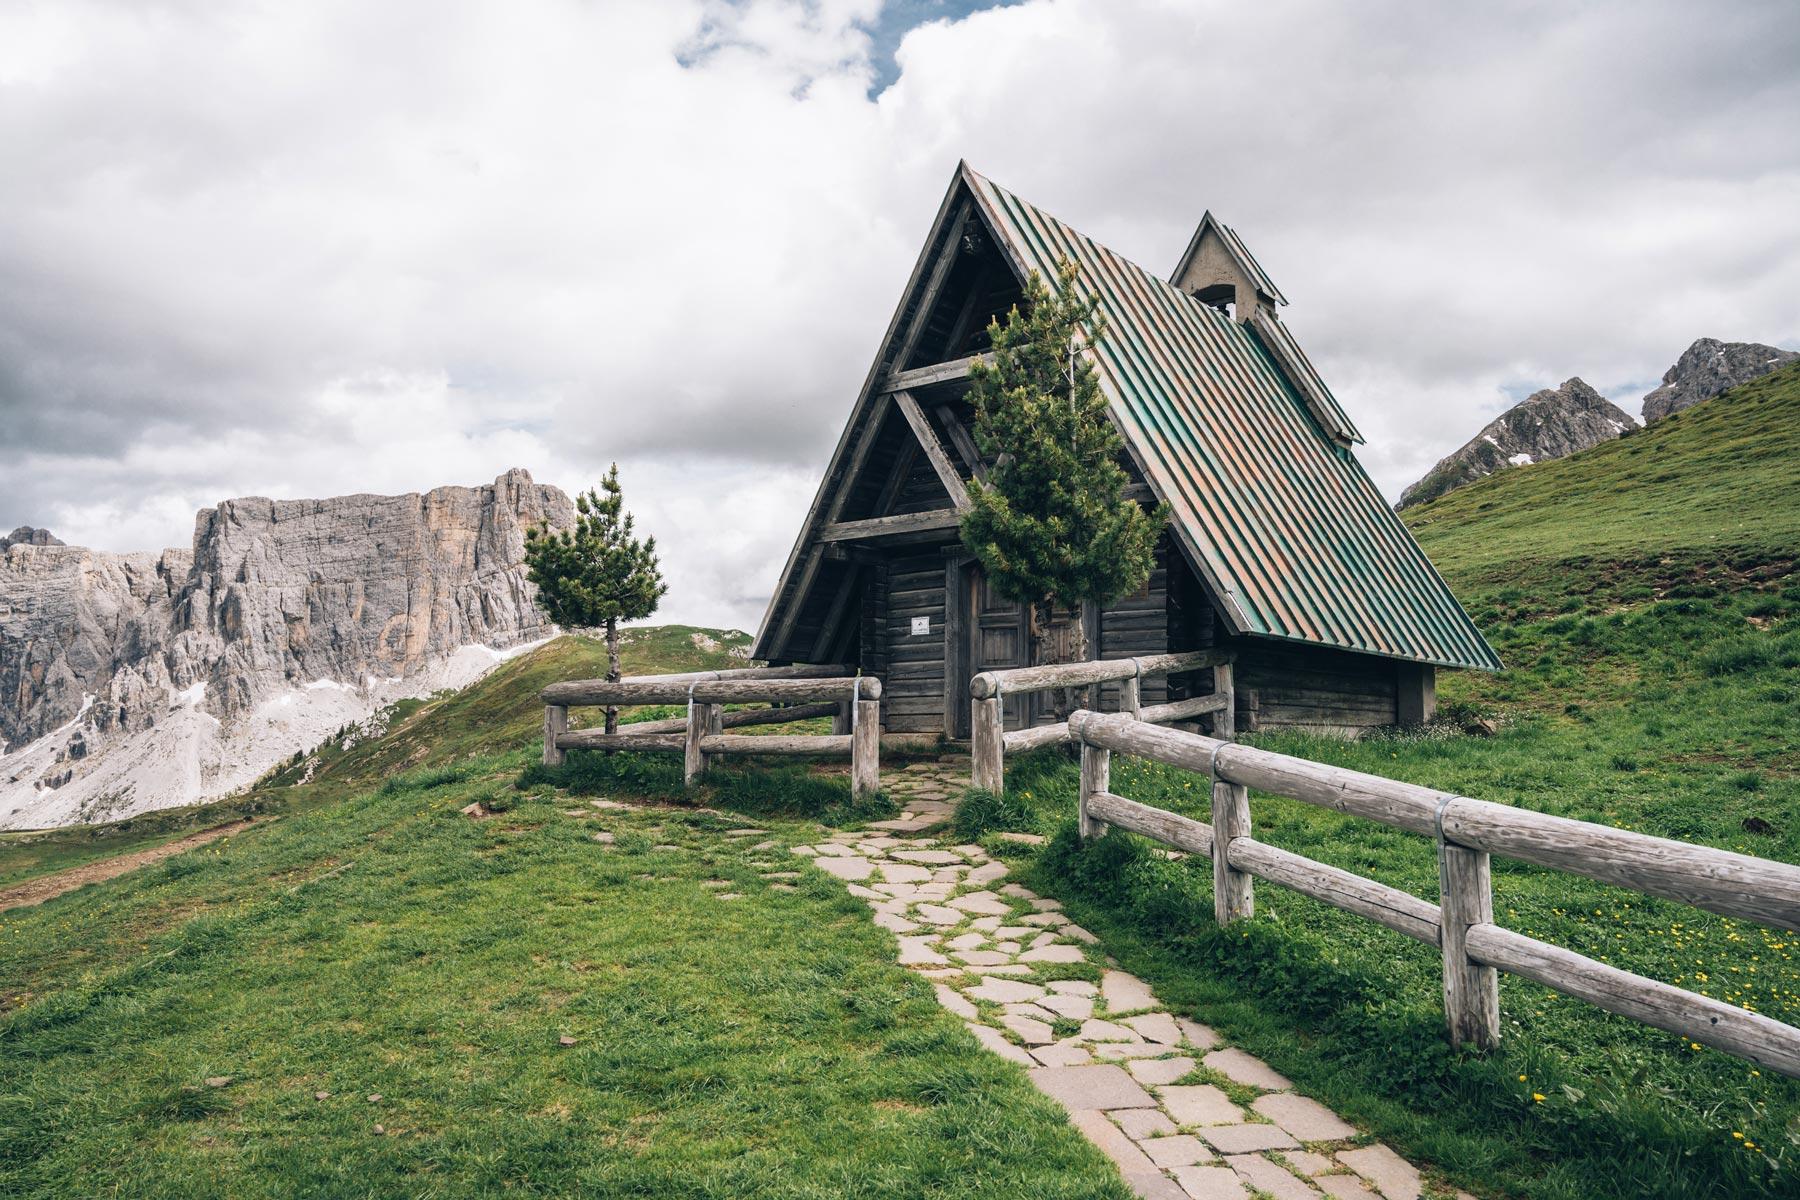 Chapelle Passo Giau, Dolomites